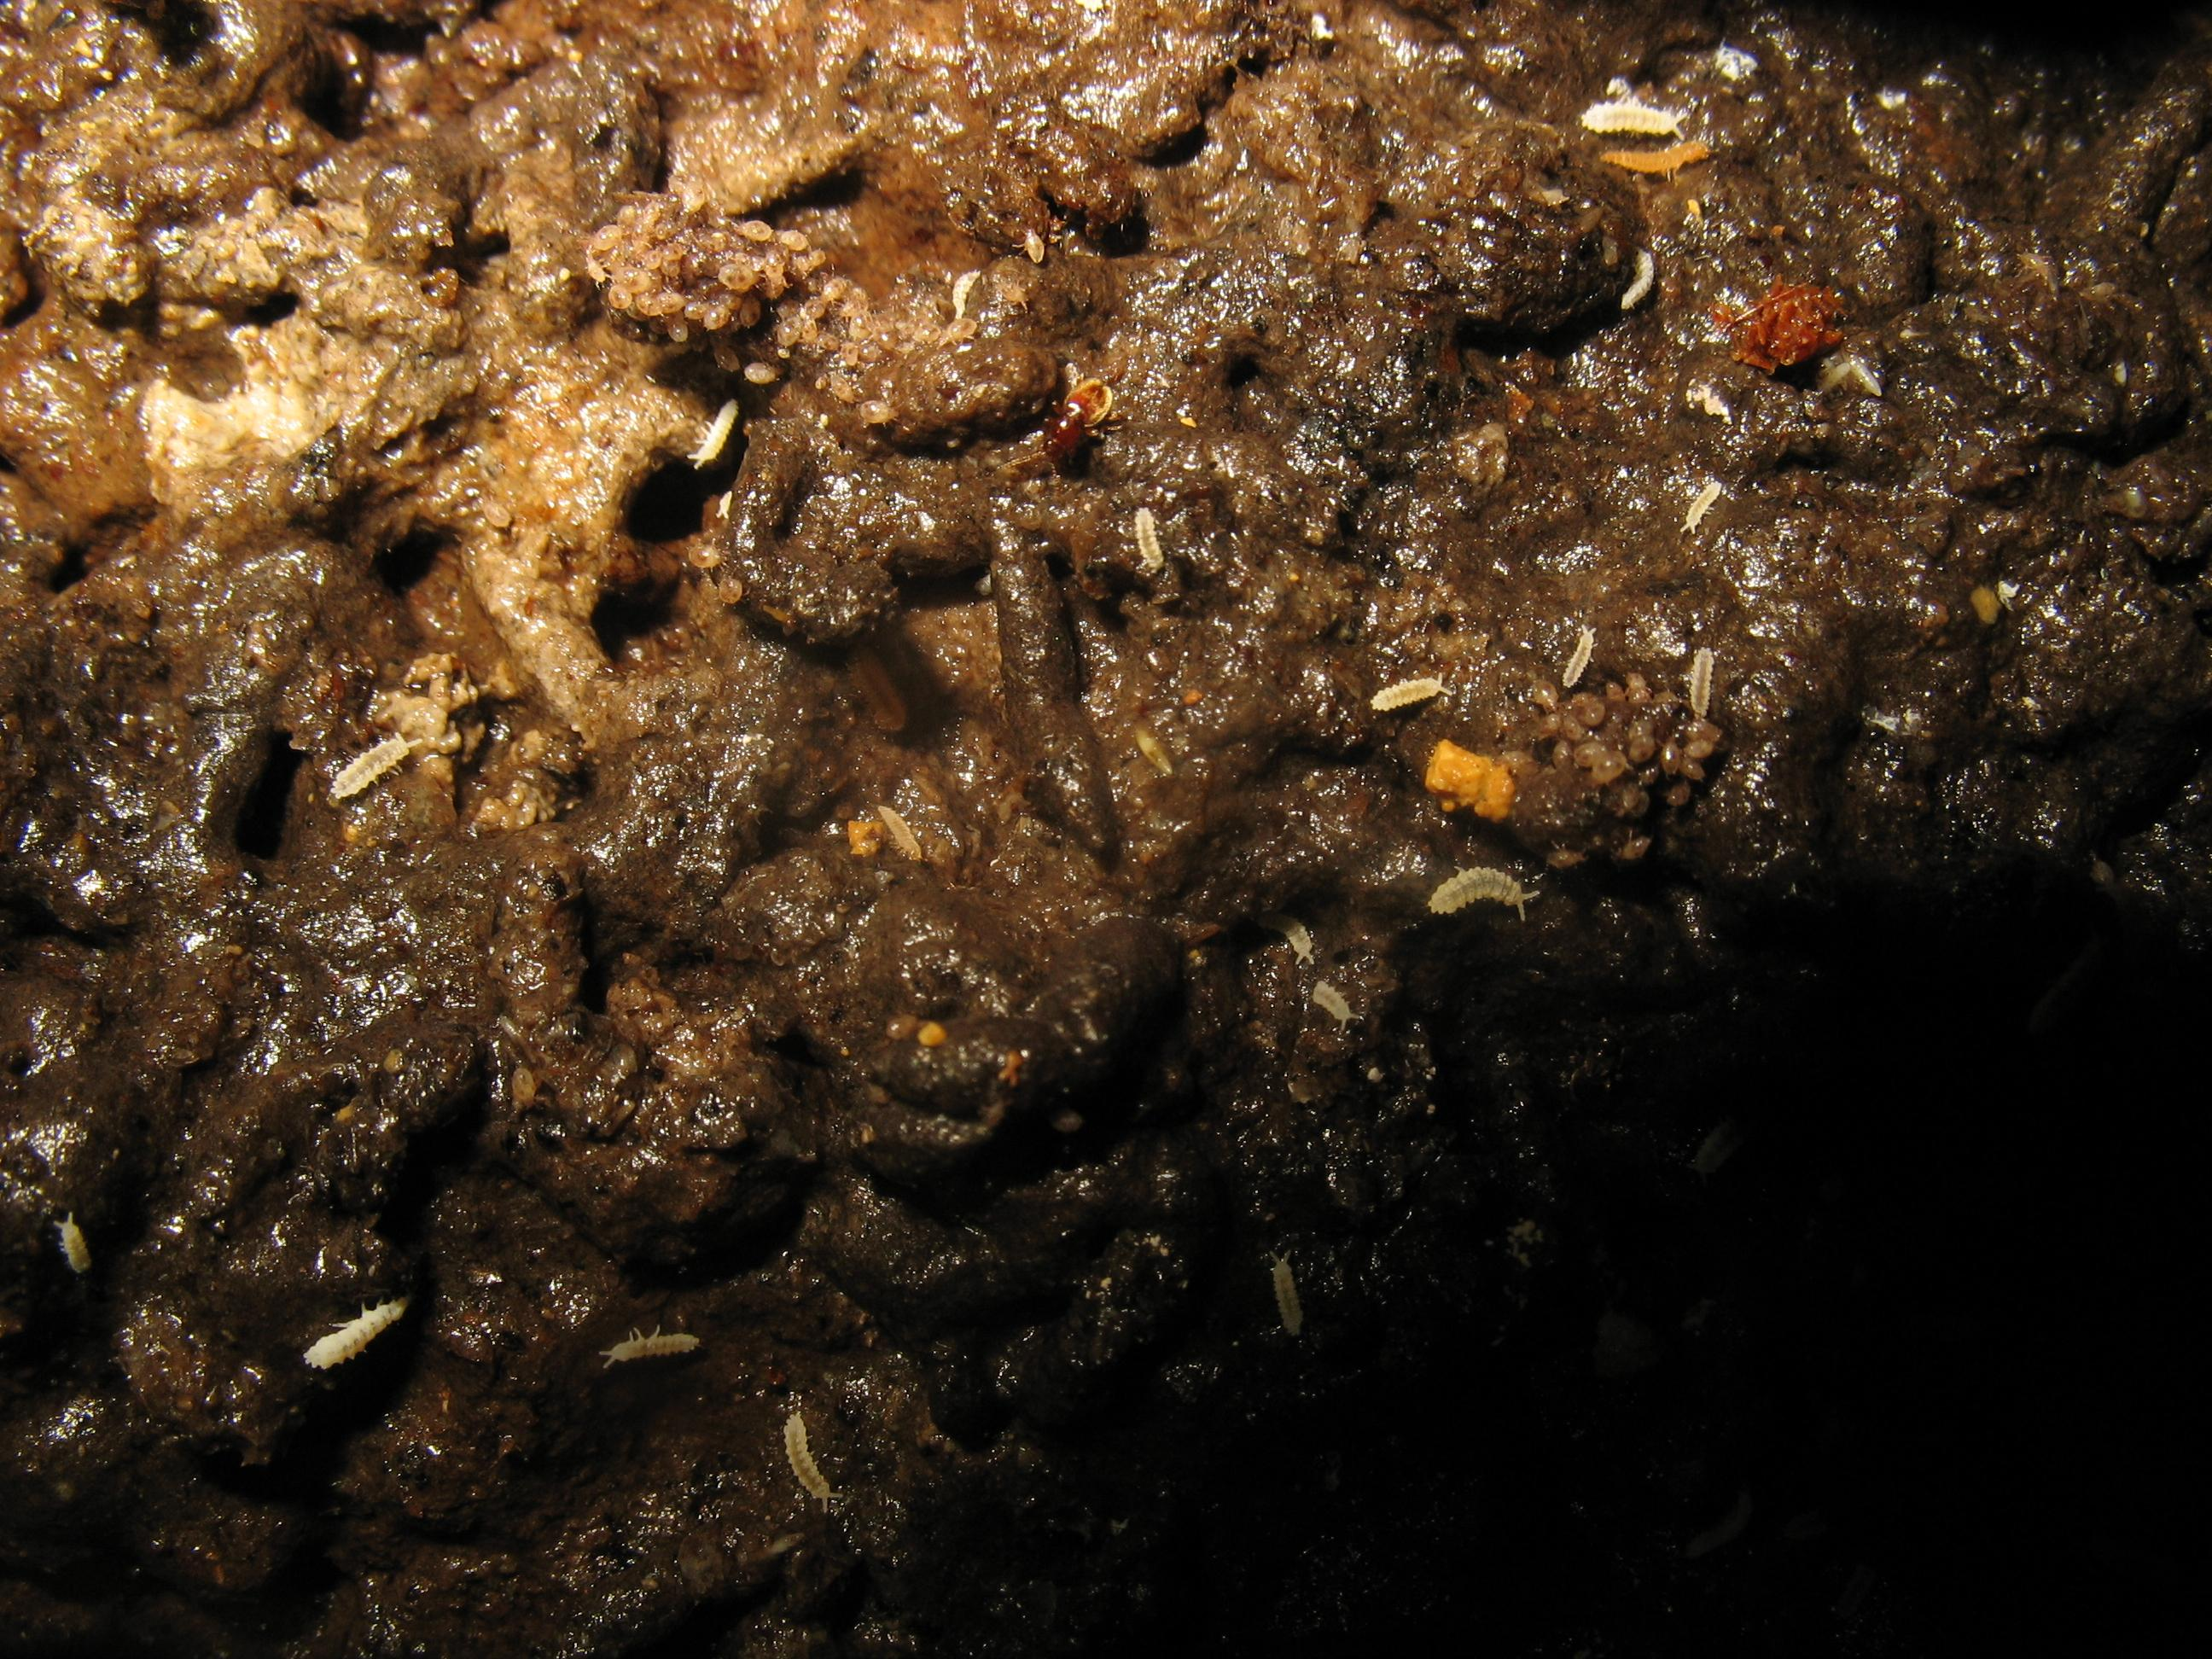 Faune du guano : une photo de Bernard Lips à explorer dans le détail pour repérer différents spécimens.